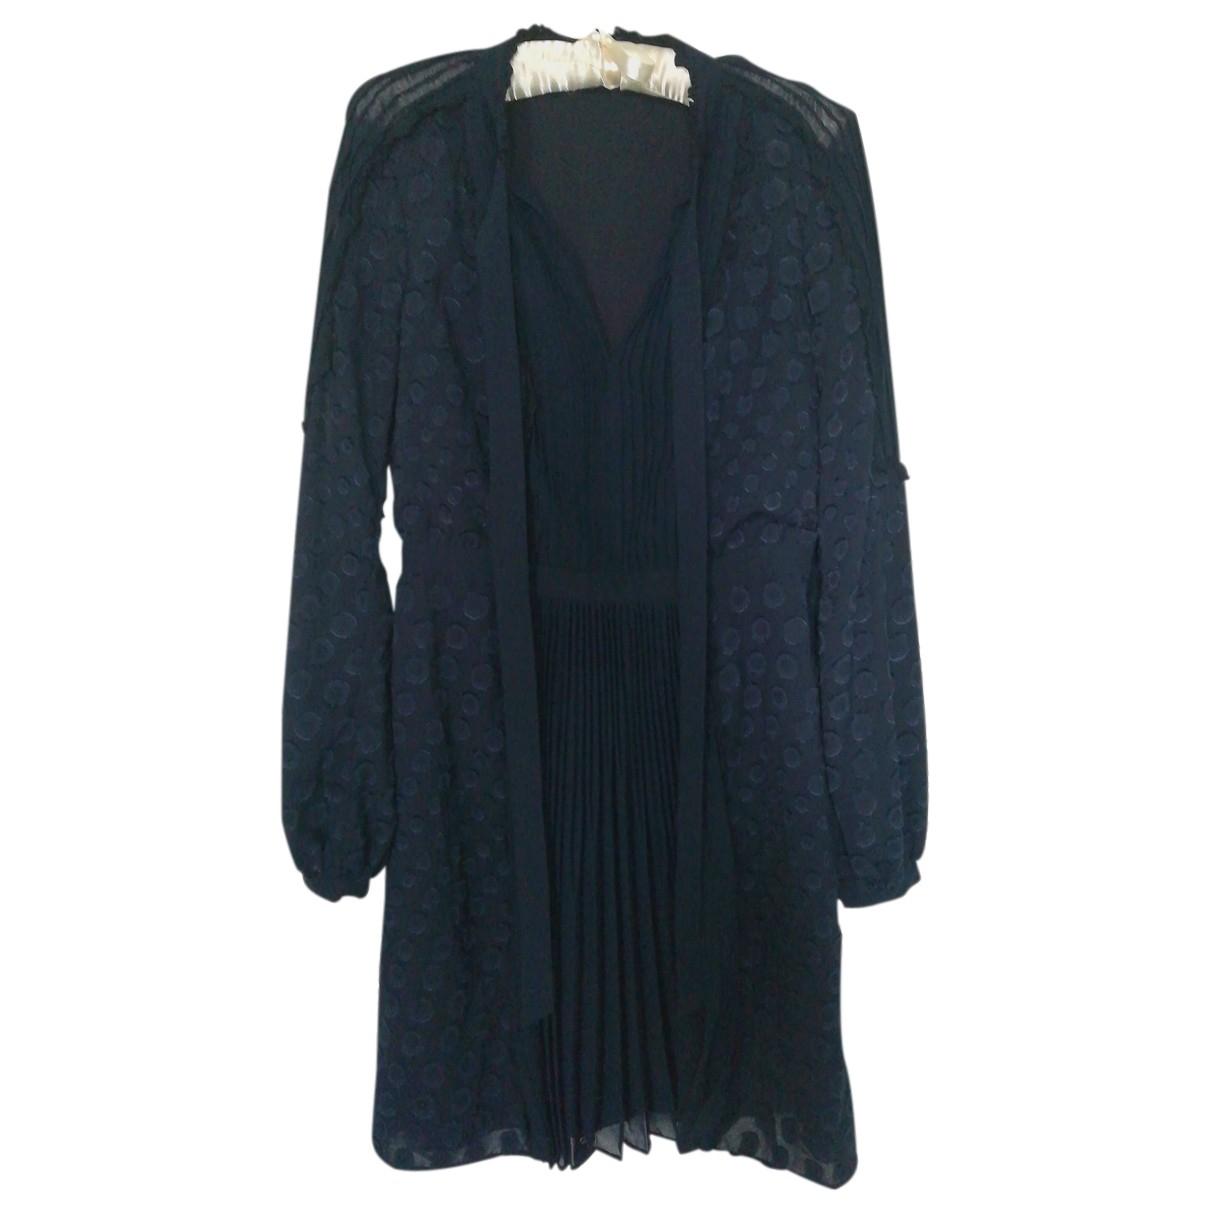 Karen Millen N Navy dress for Women 10 UK